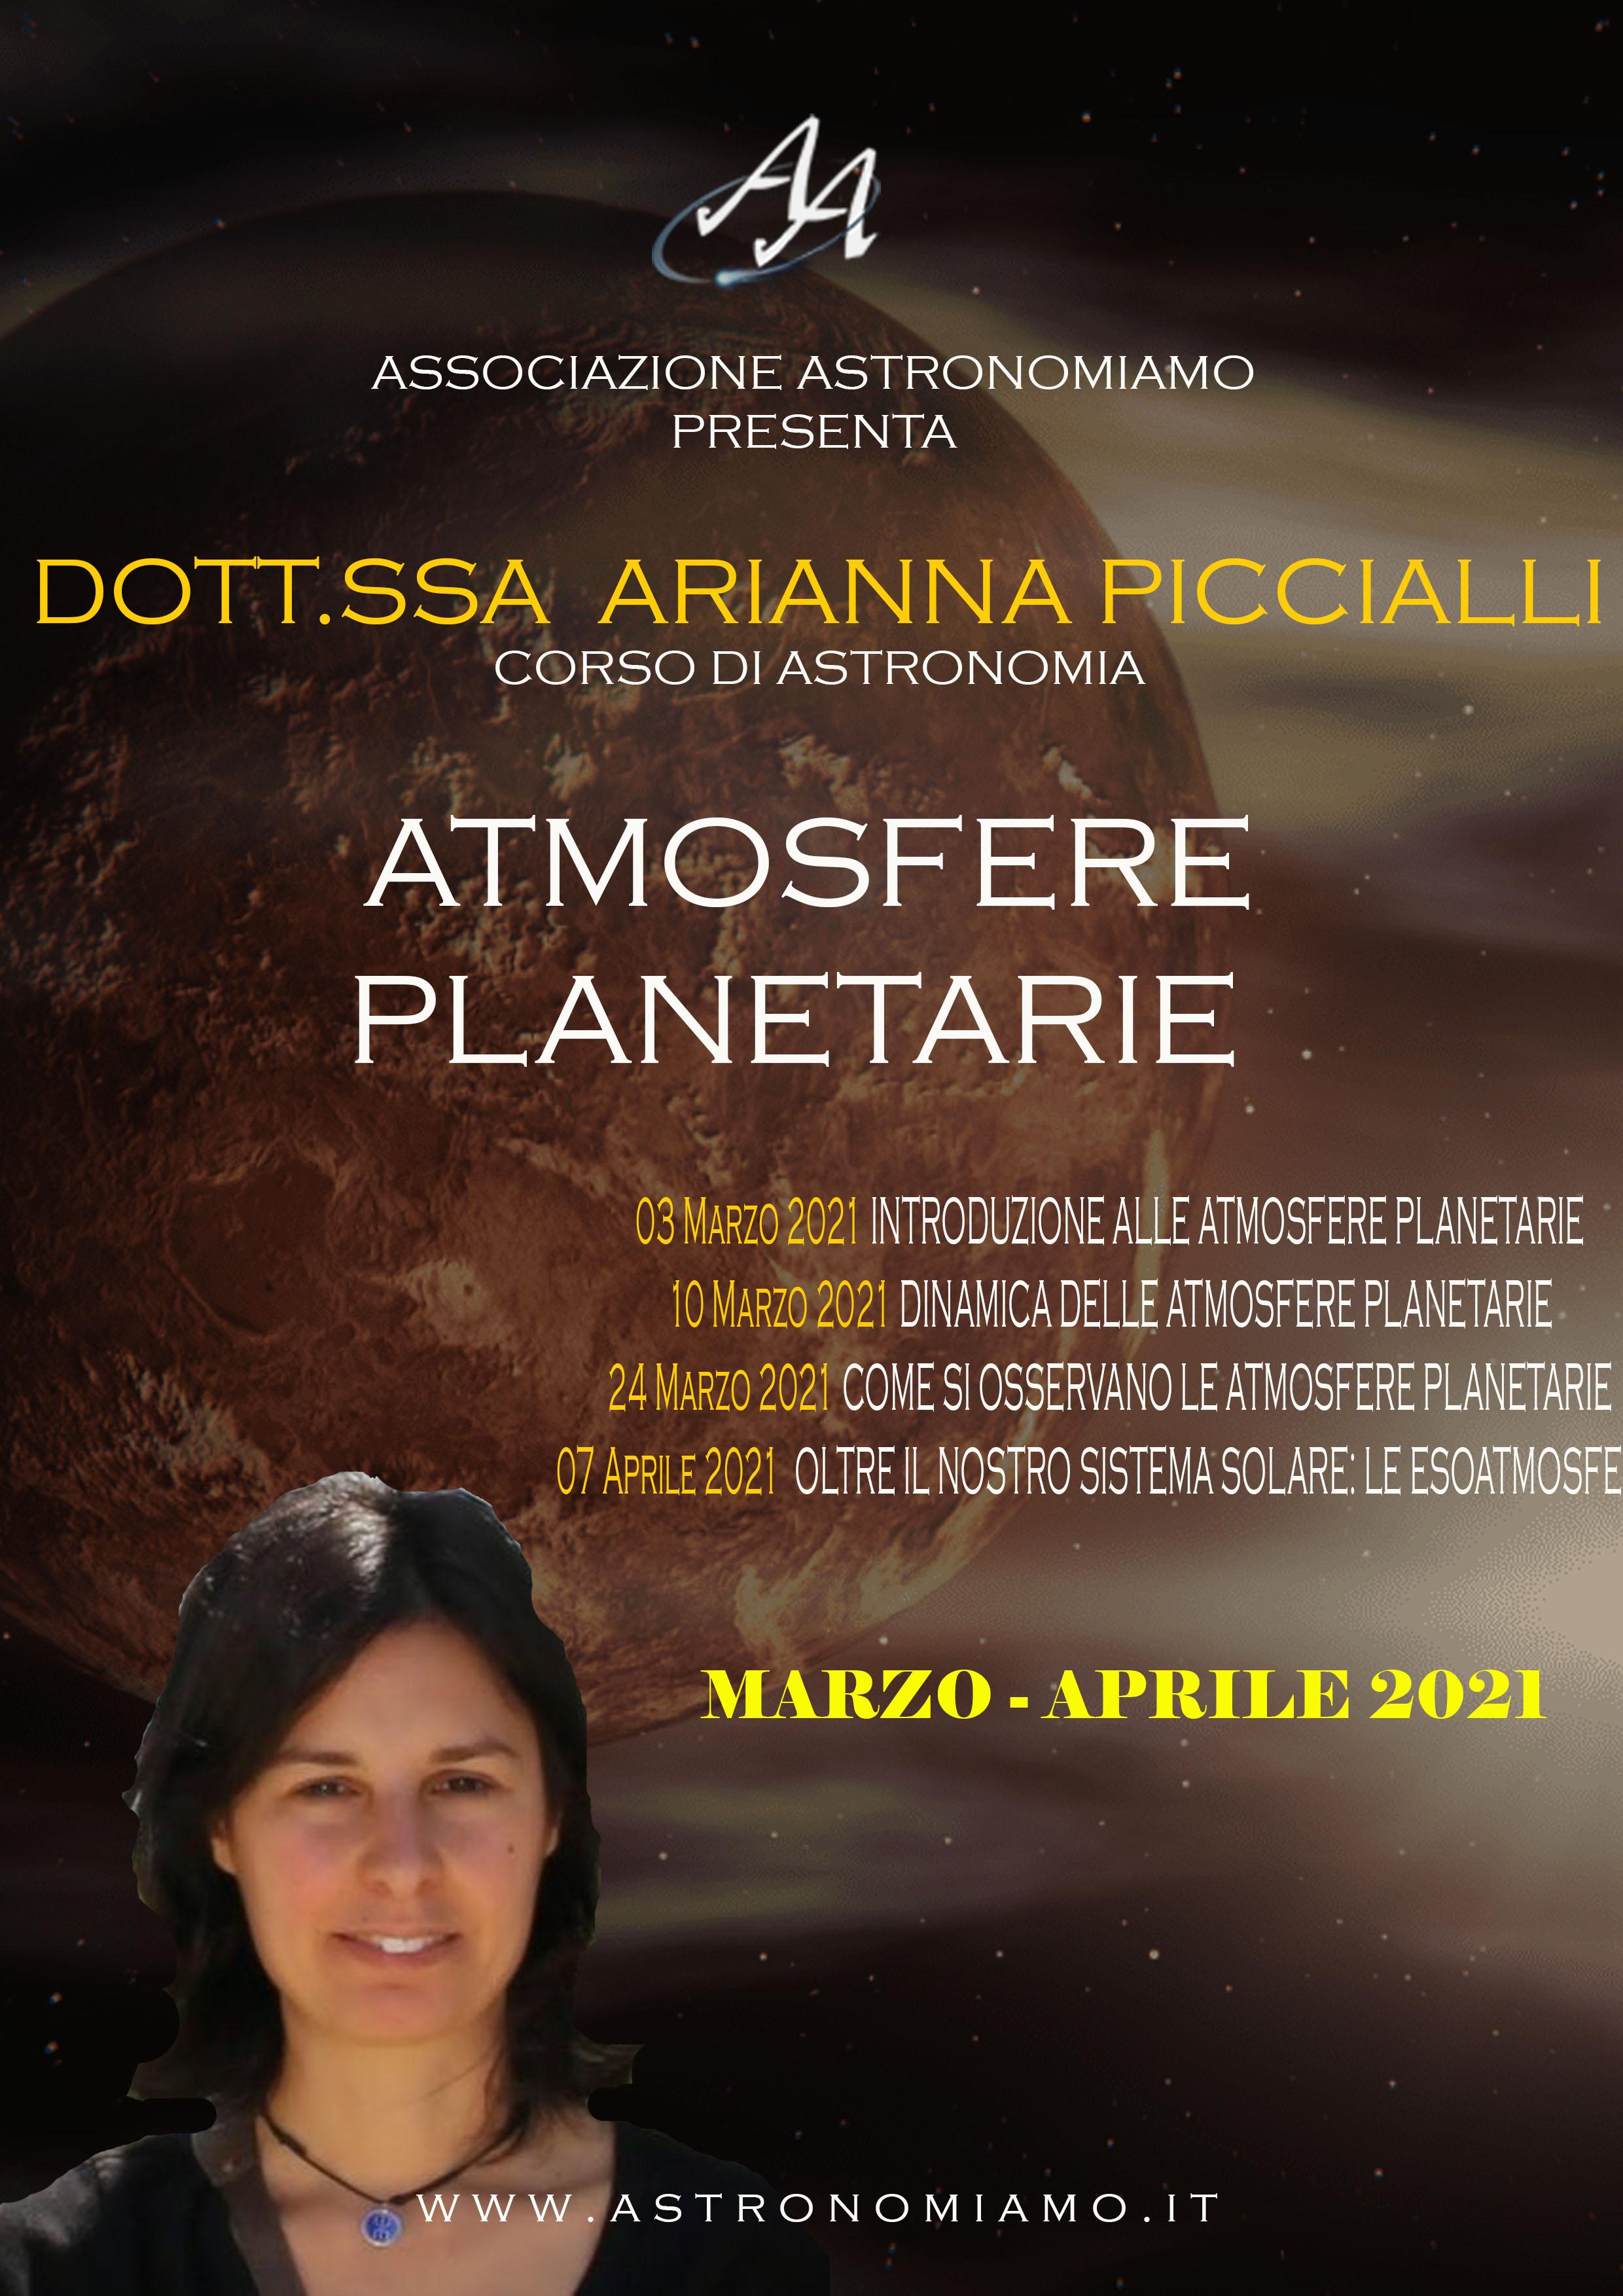 Corso su atmosfere planetarie